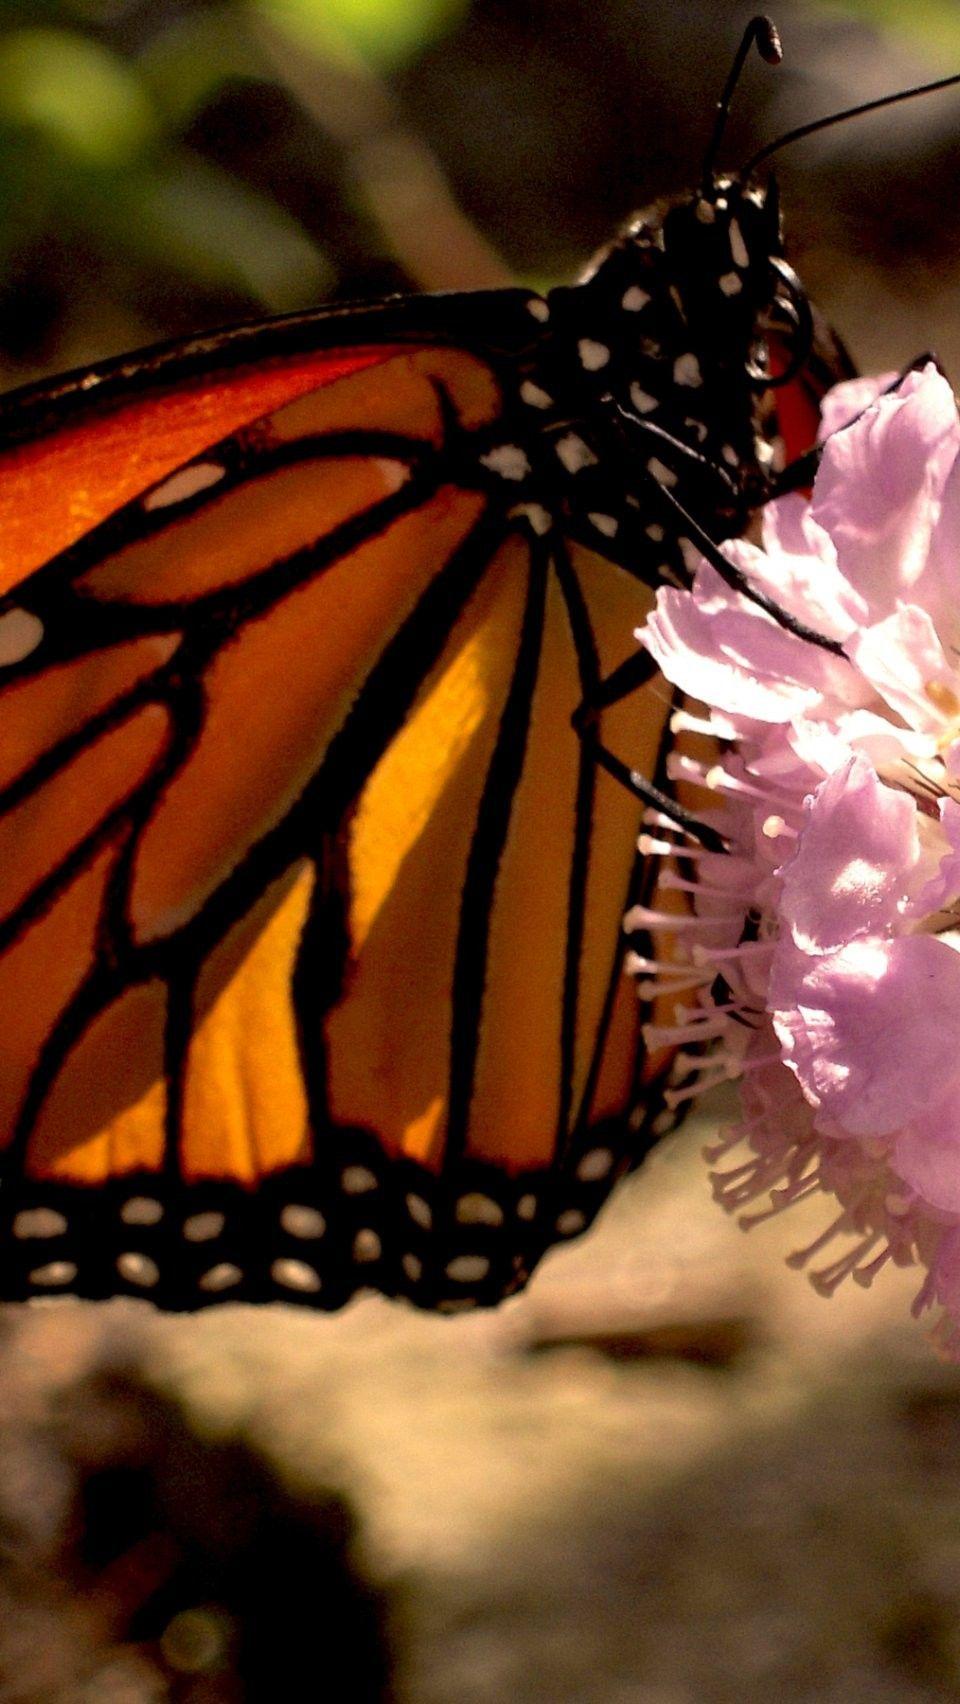 butterfly iPhone 6 wallpaper - Butterflies iPhone 6 ...